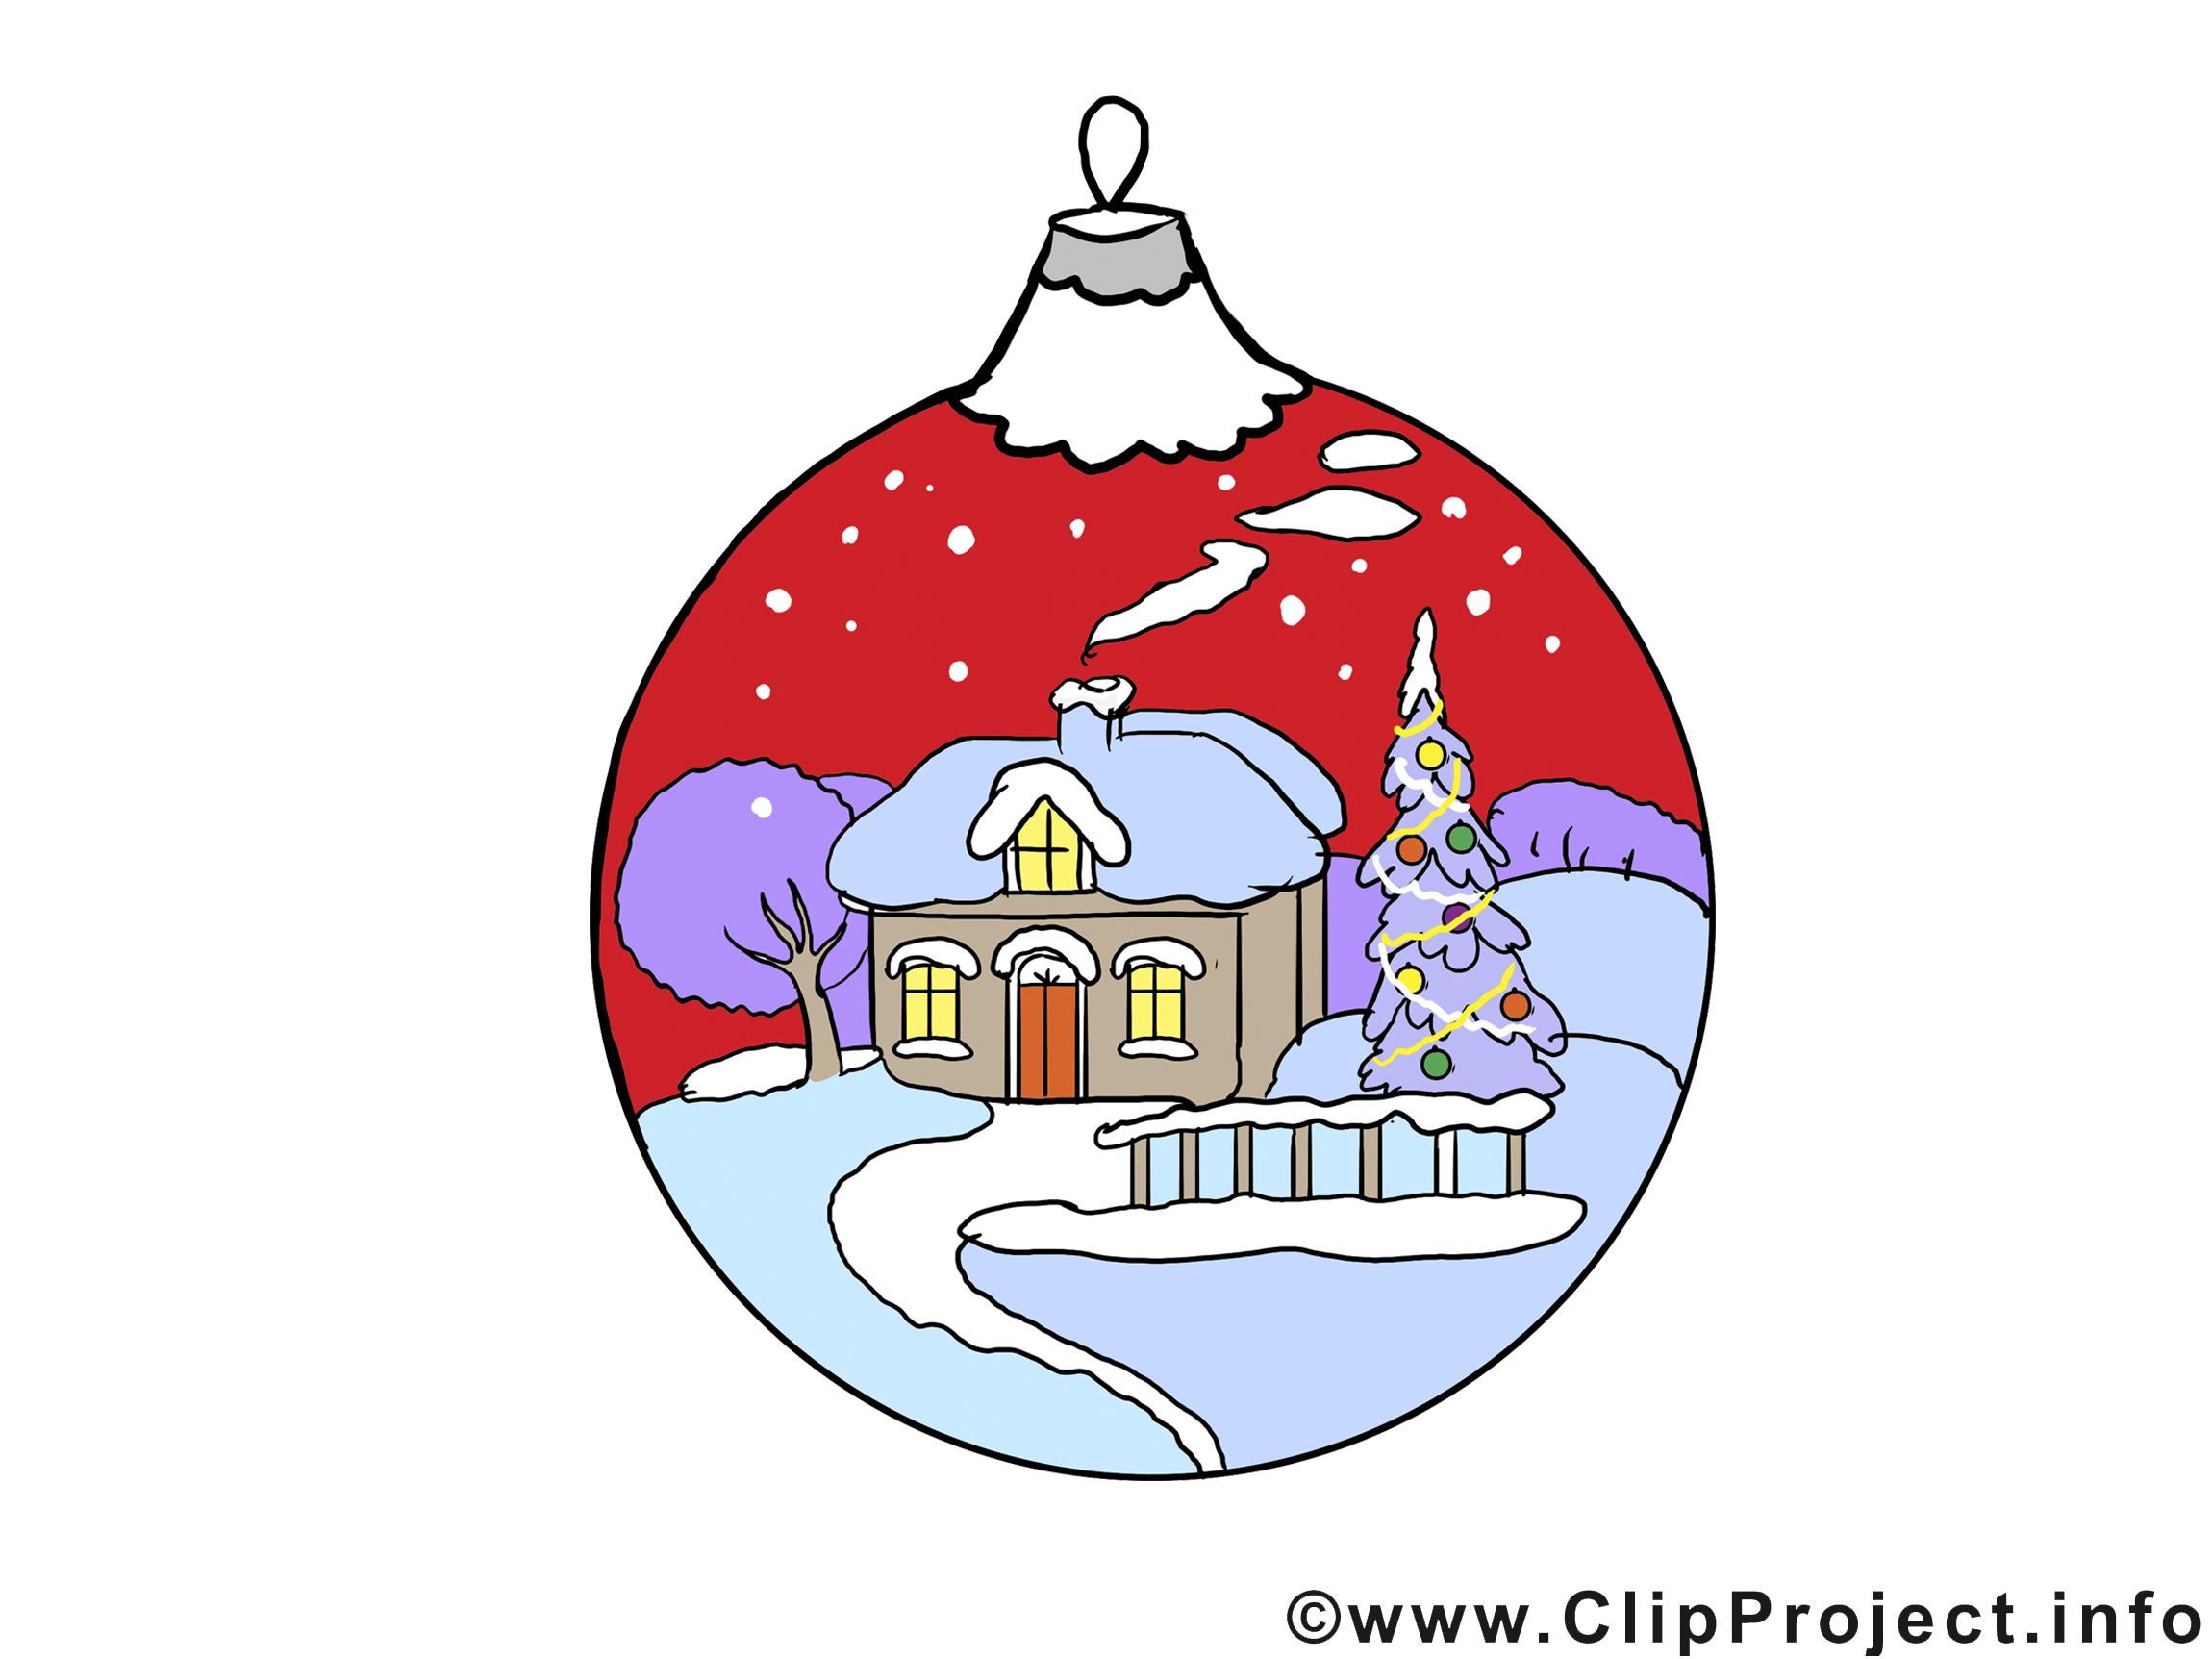 Boule maison illustration – Bonne année images